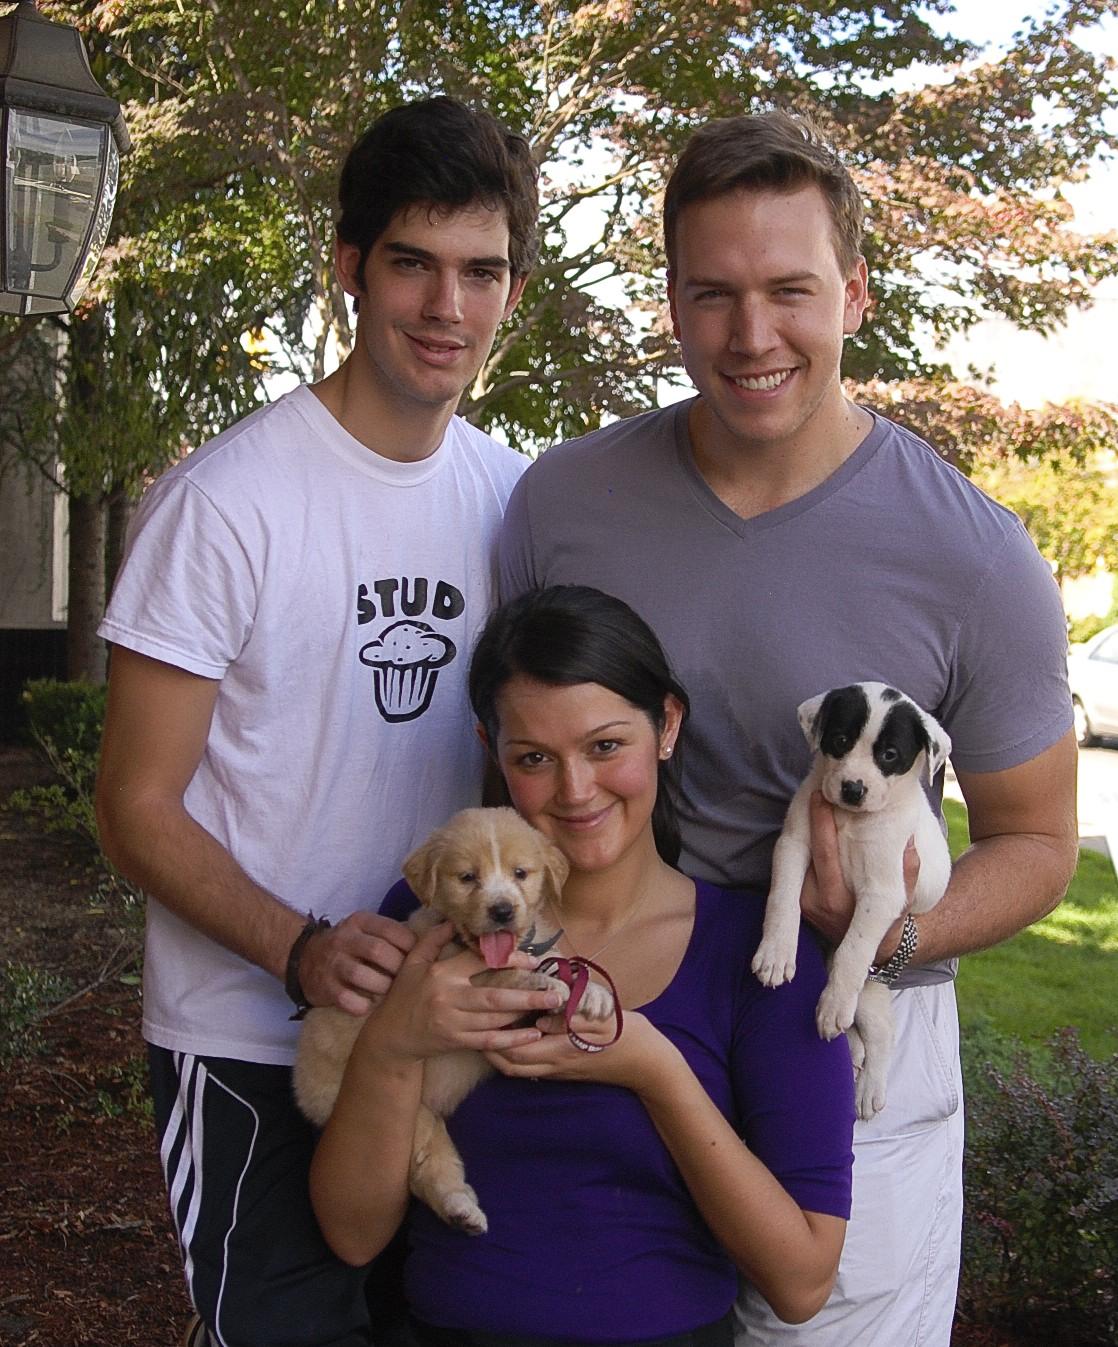 Adopt_A_Pet_9-25-11-0009.jpg